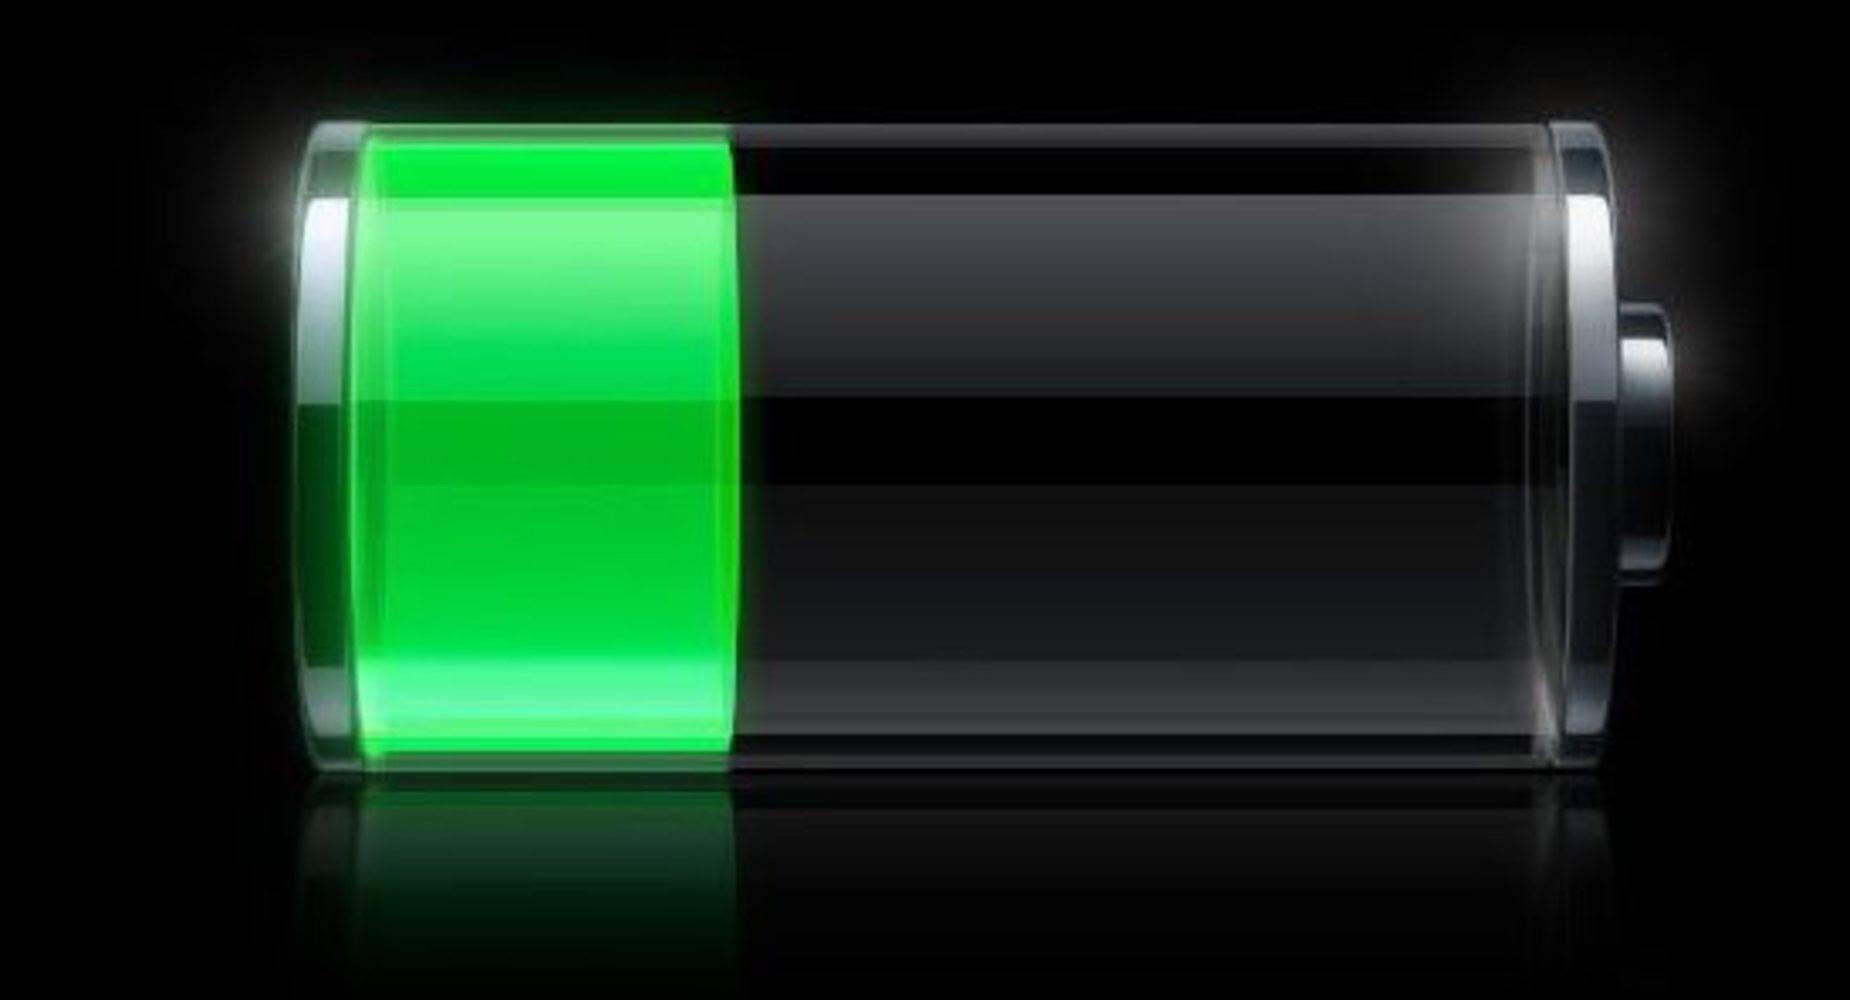 Как сделать чтобы на айфоне что бы было видно процент зарядки